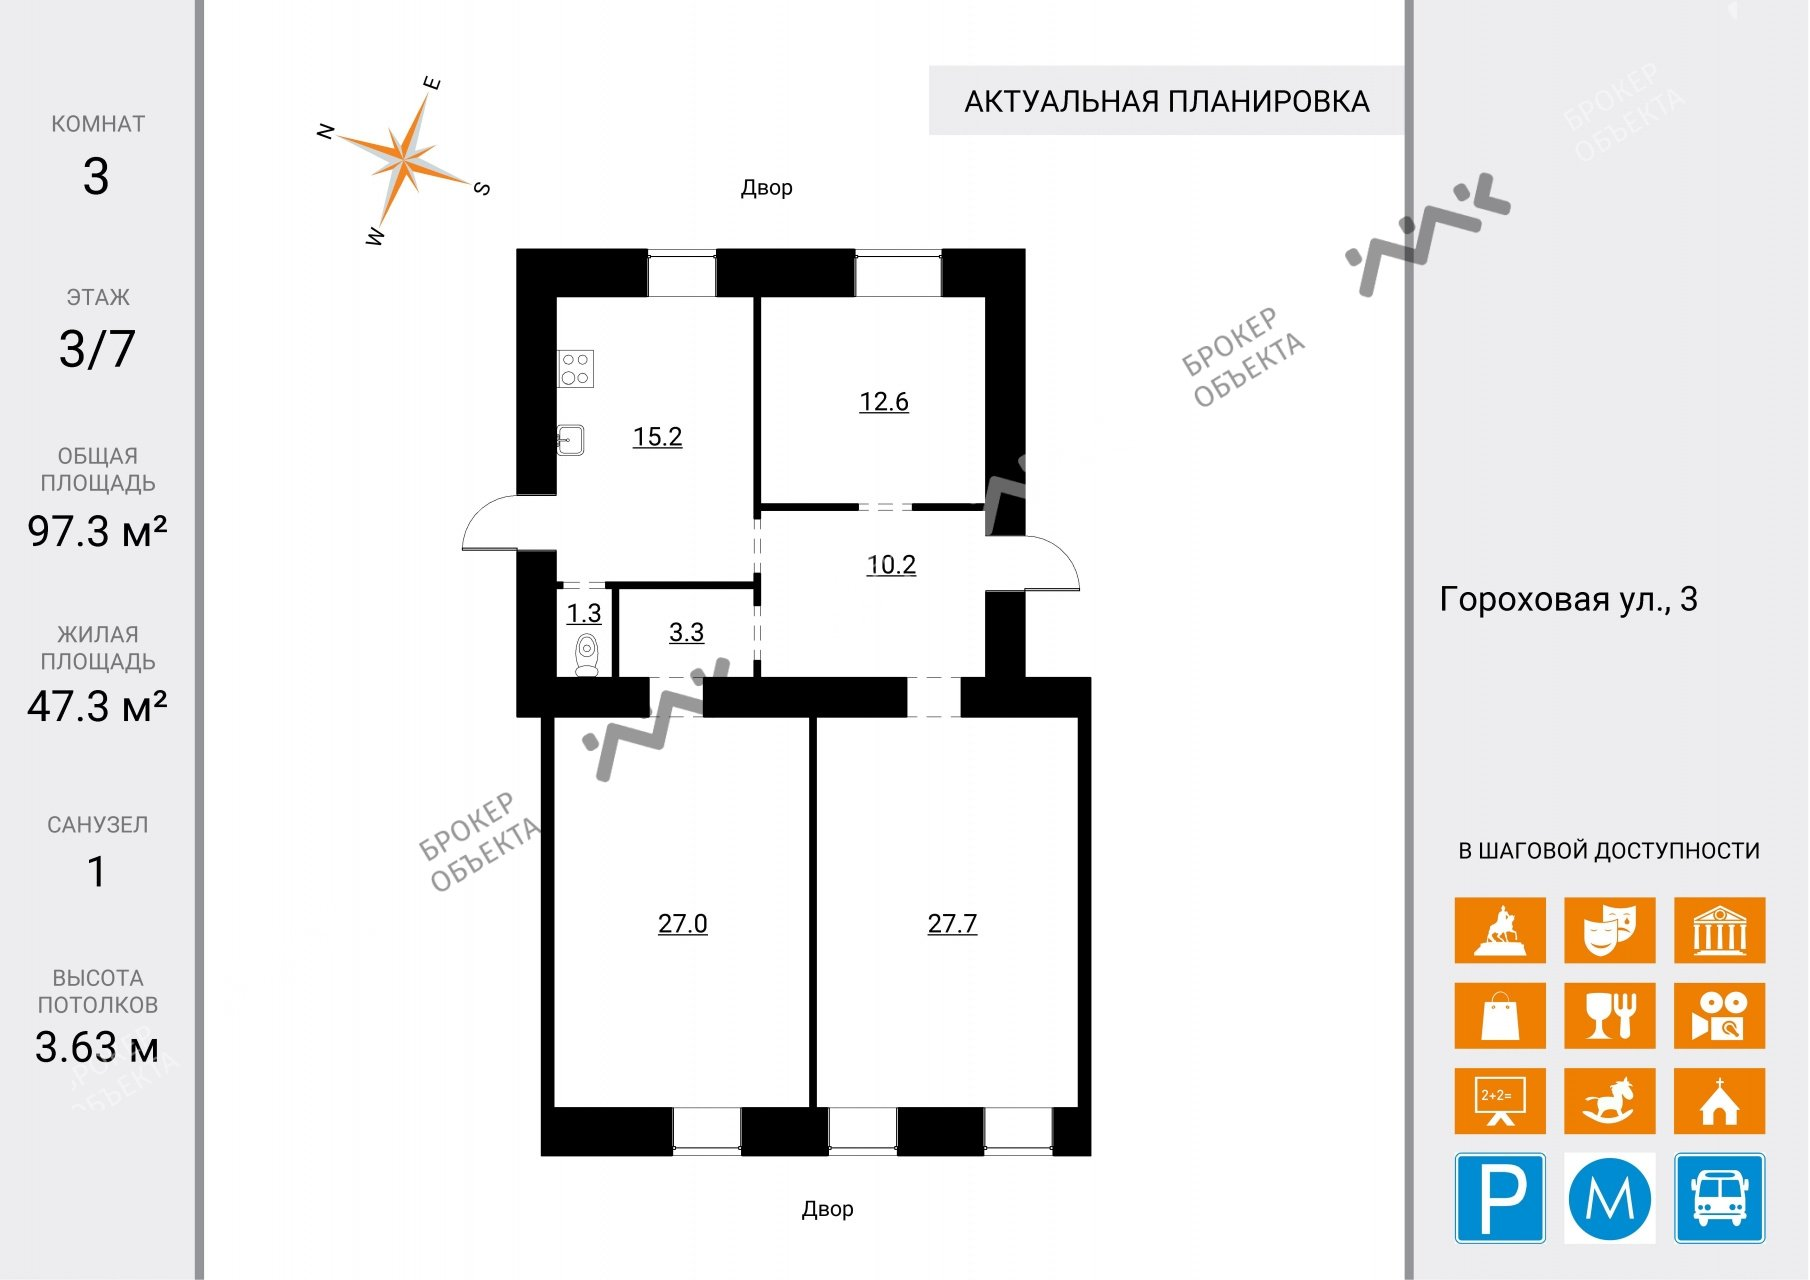 Планировка Гороховая ул., д.3. Лот № 5040080